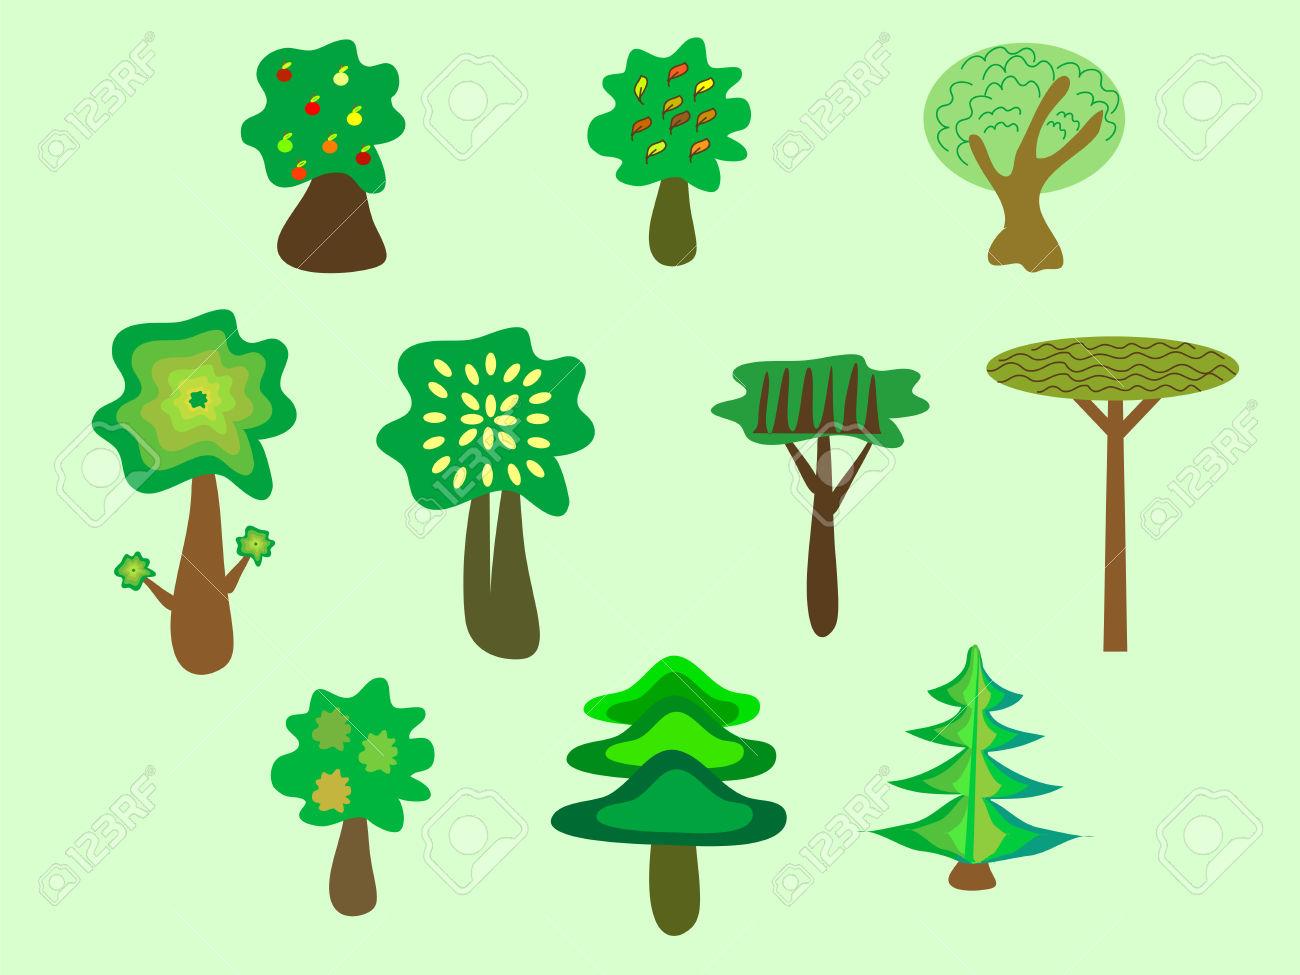 Trees Ecology Nature Park Set. Deciduous Coniferous Futuristic.